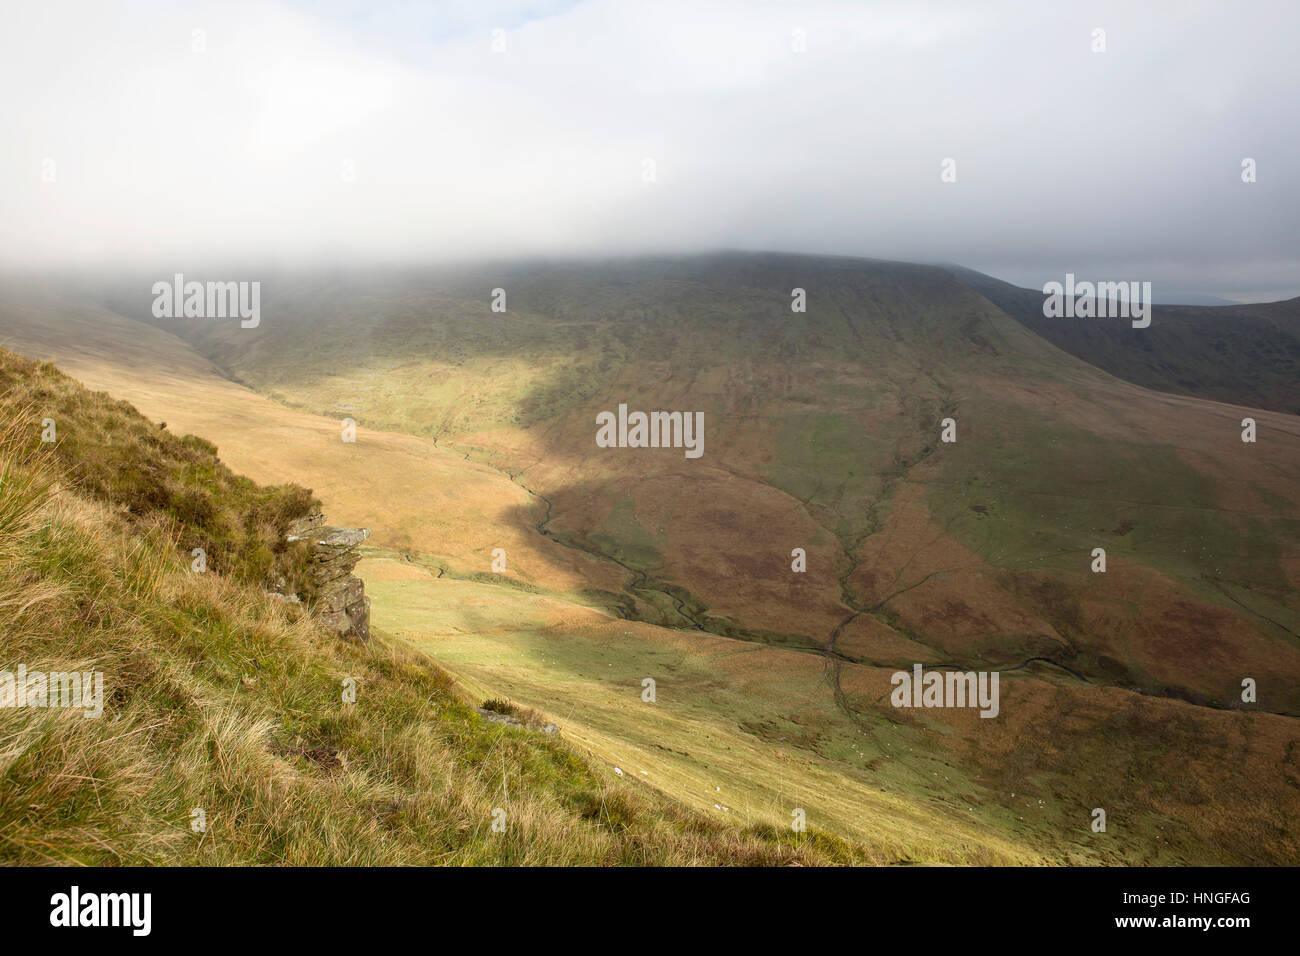 The Path Along the Escarpment. A public walking path goes along the escarpment of Craig y Fan Ddu in the Brecon - Stock Image